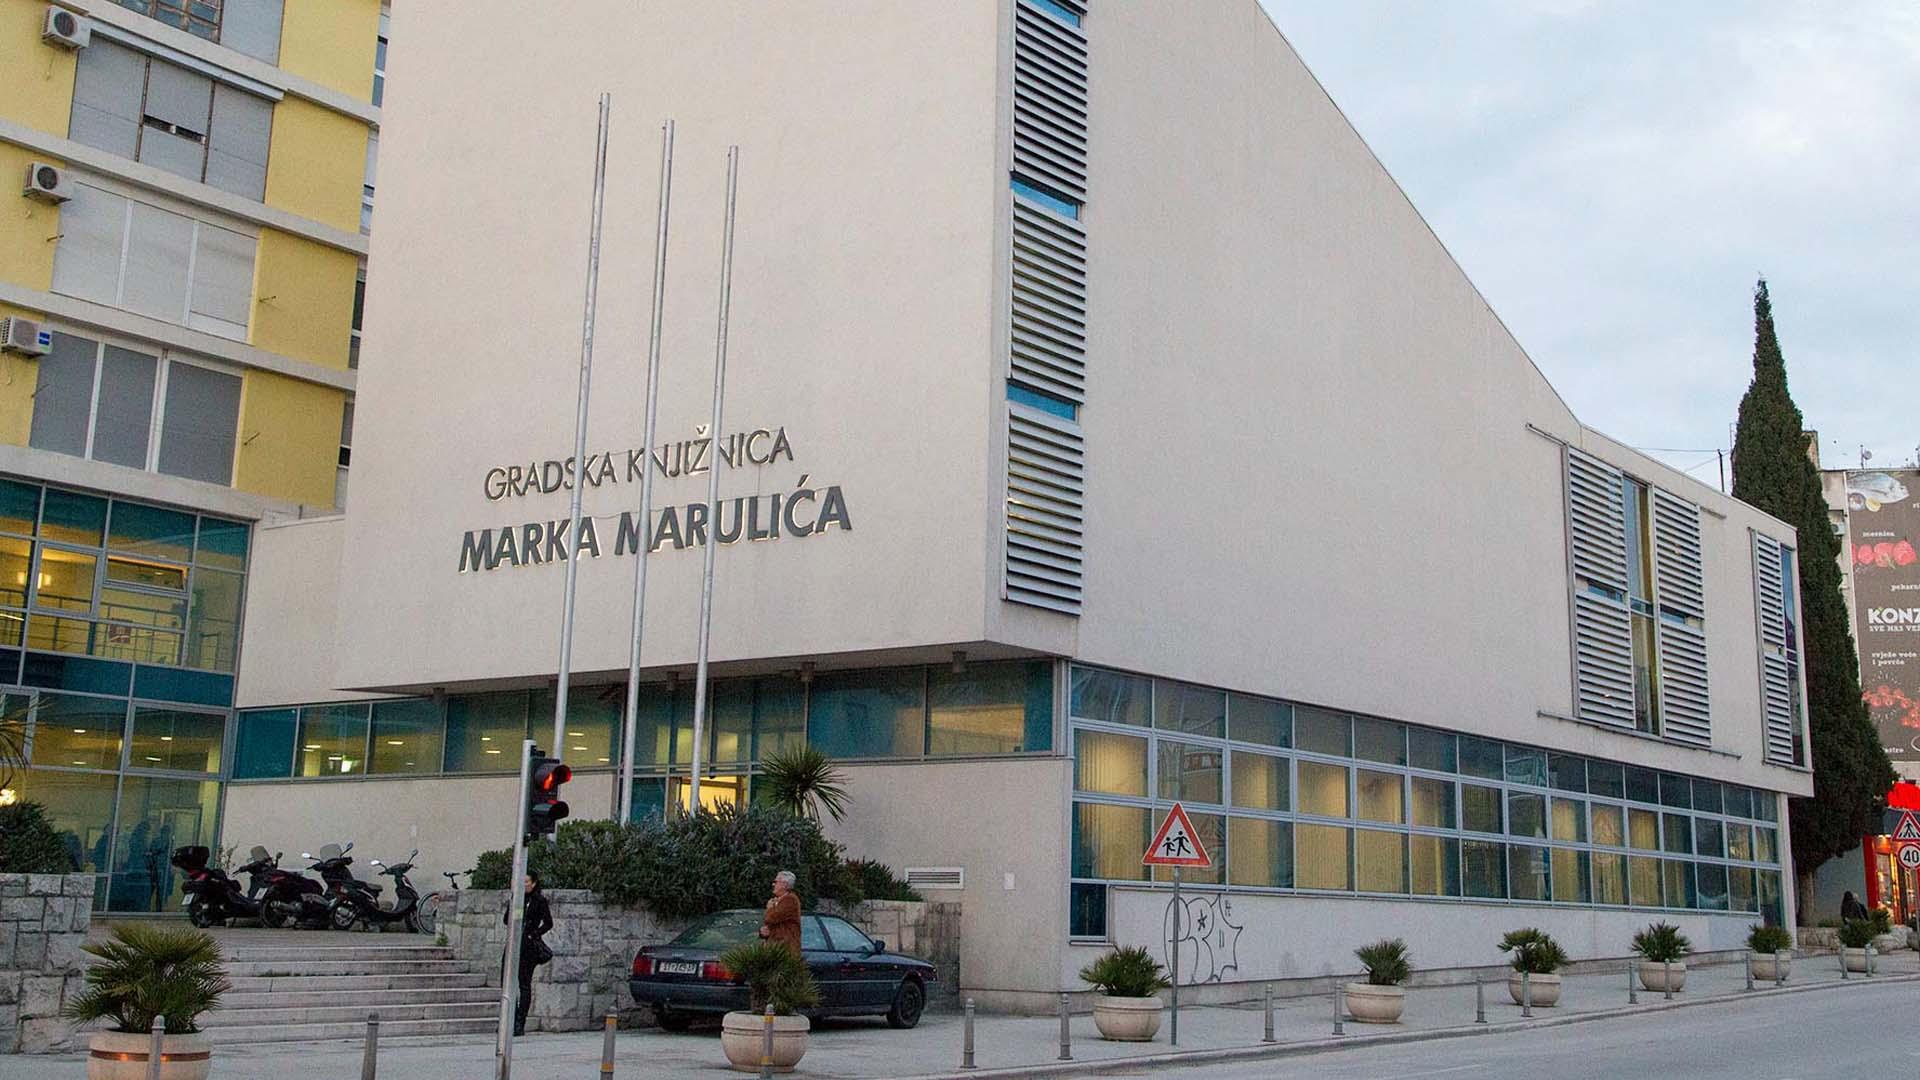 Tjedni program u knjižnici Marka Marulića